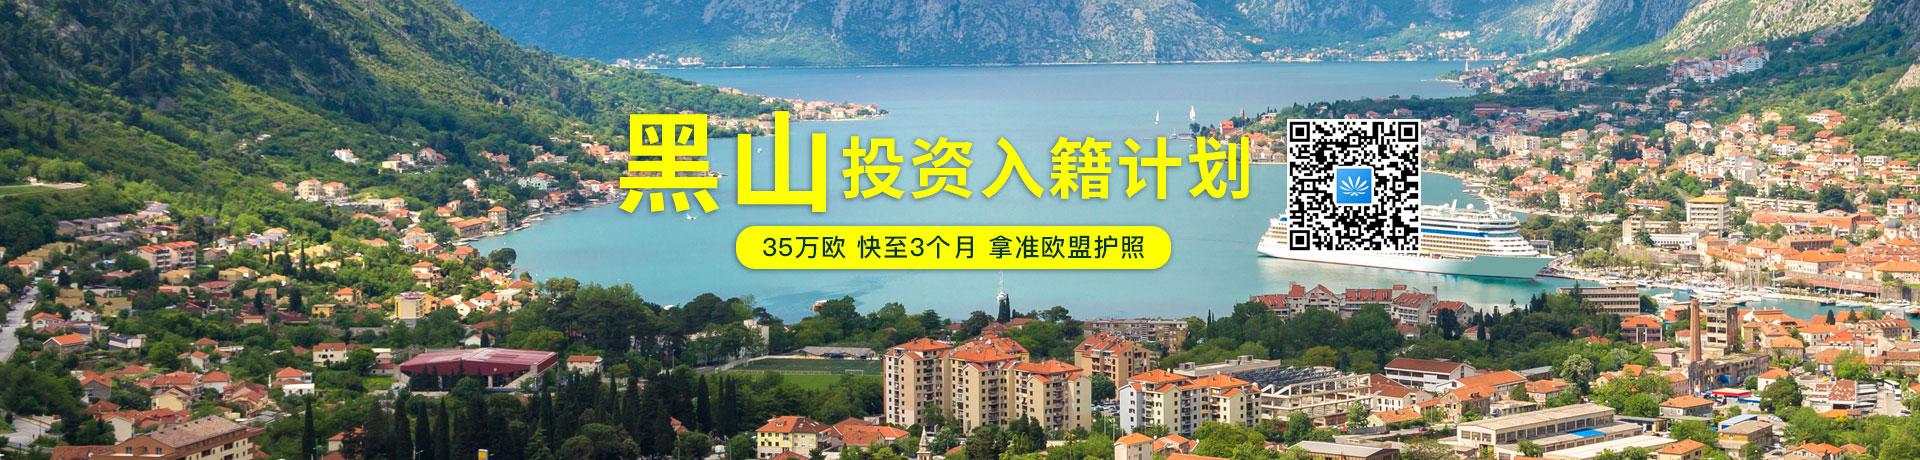 黑山投资入籍计划